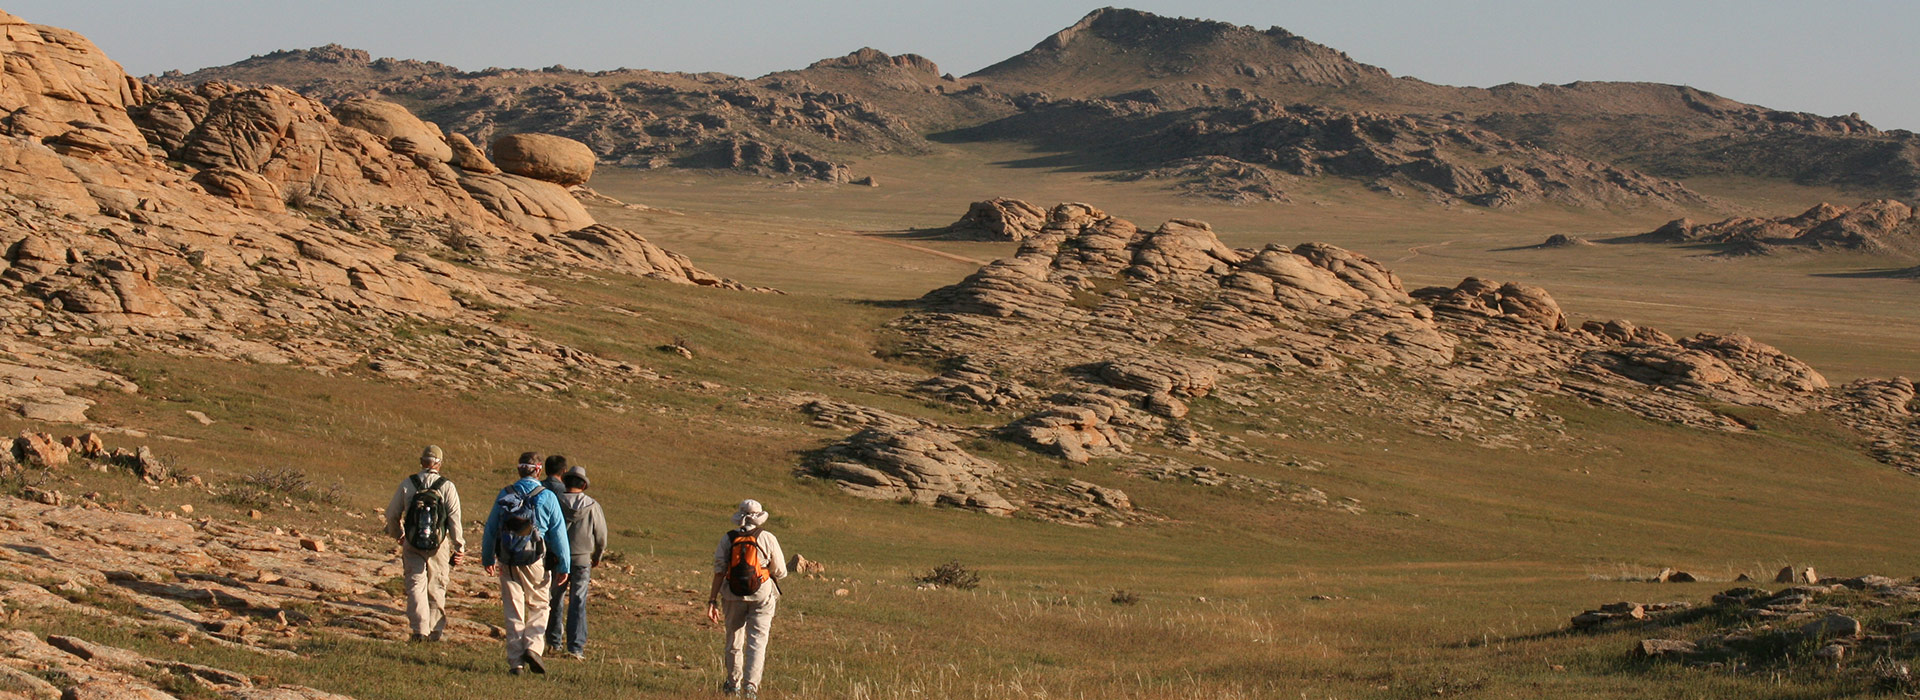 gobi-rock-mongolia